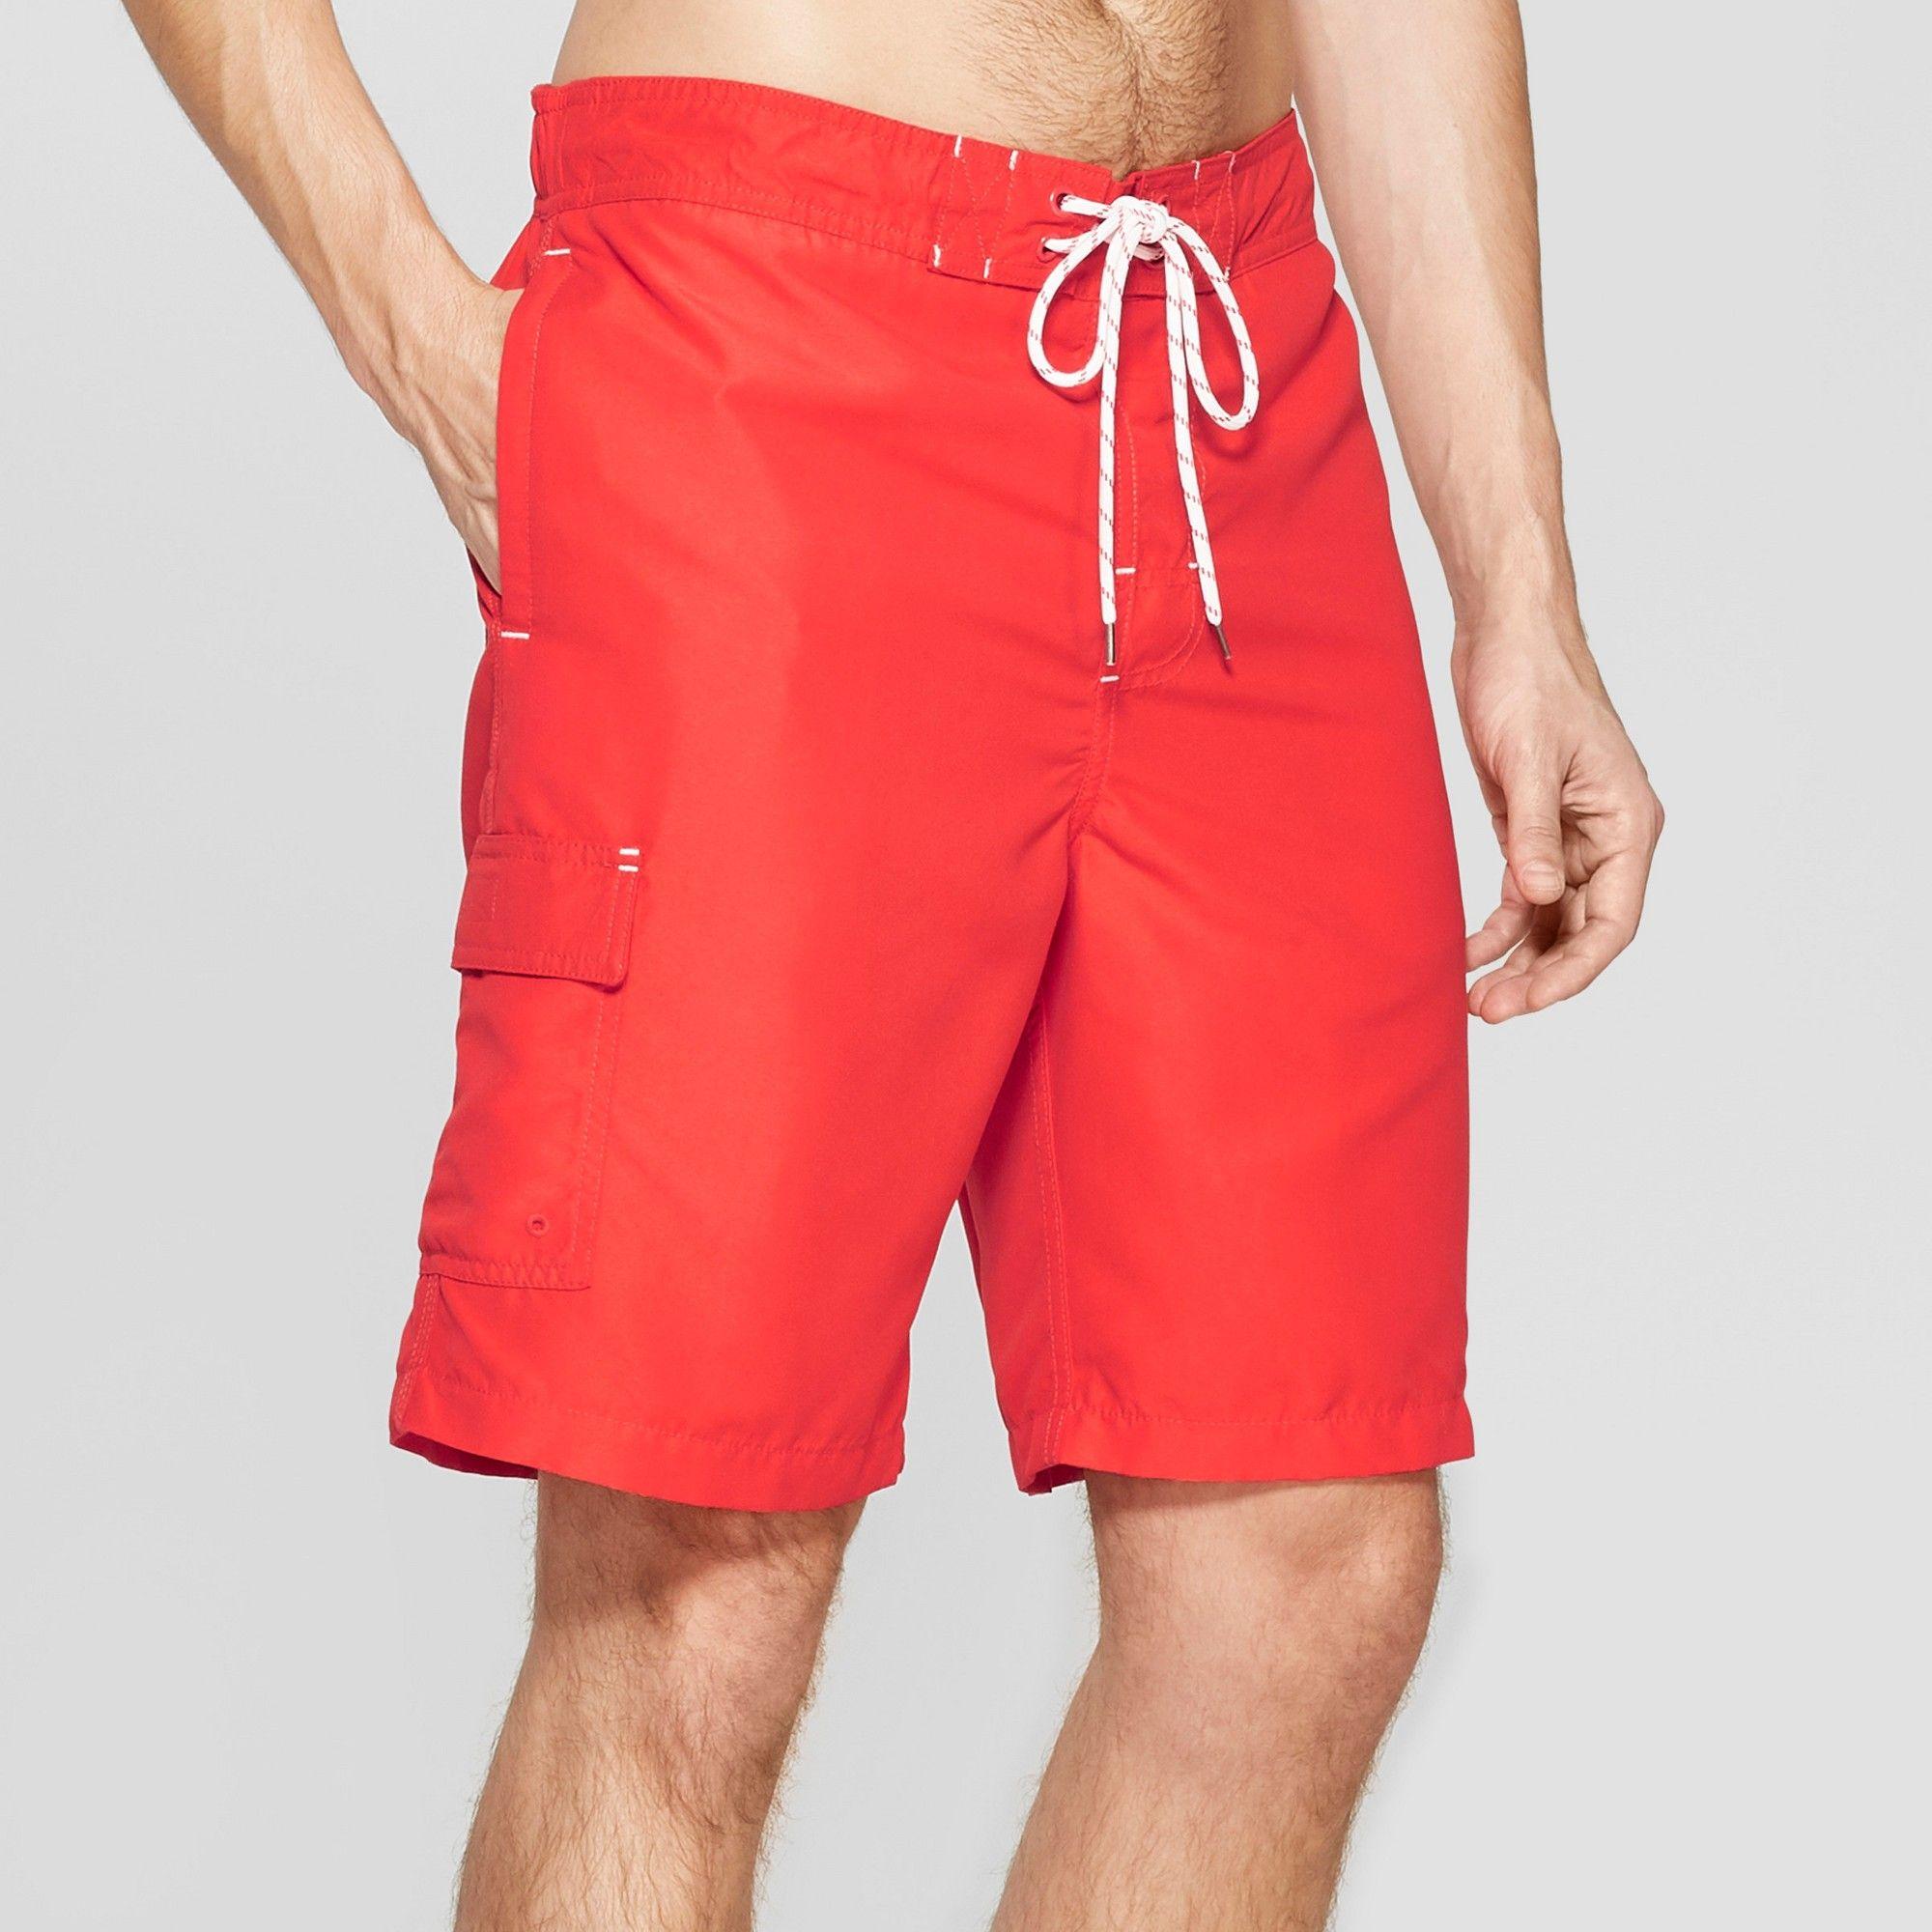 03df8fb41b Men's Big & Tall 9 Swim Trunks - Goodfellow & Co Red 3XL | Products ...